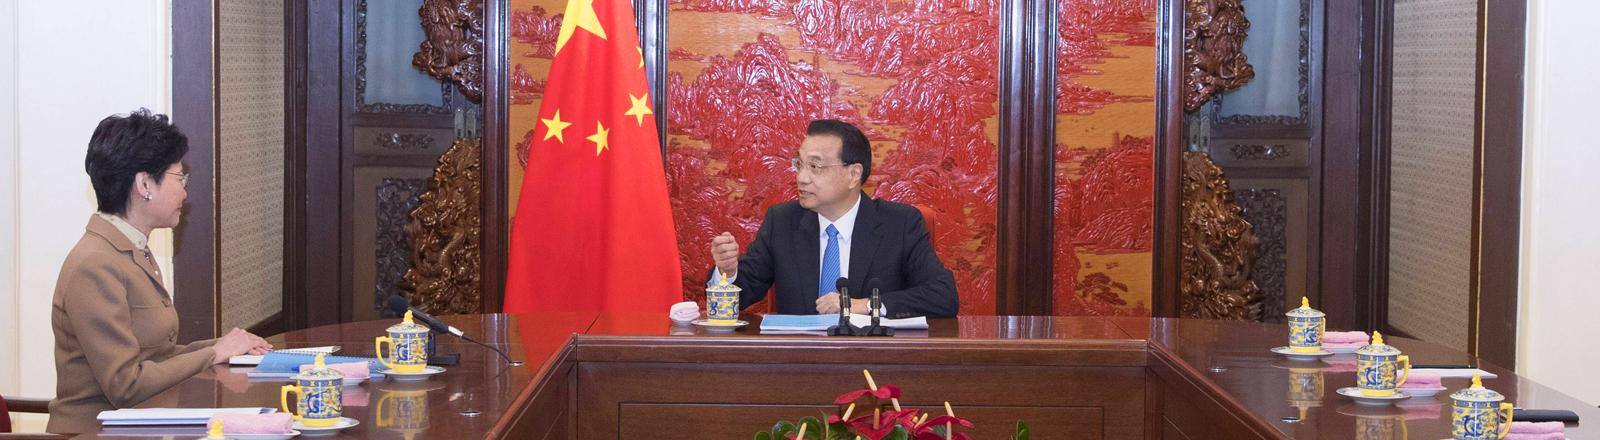 Li Keqiang und Carrie Lam bei einem Treffen im Dezember 2018